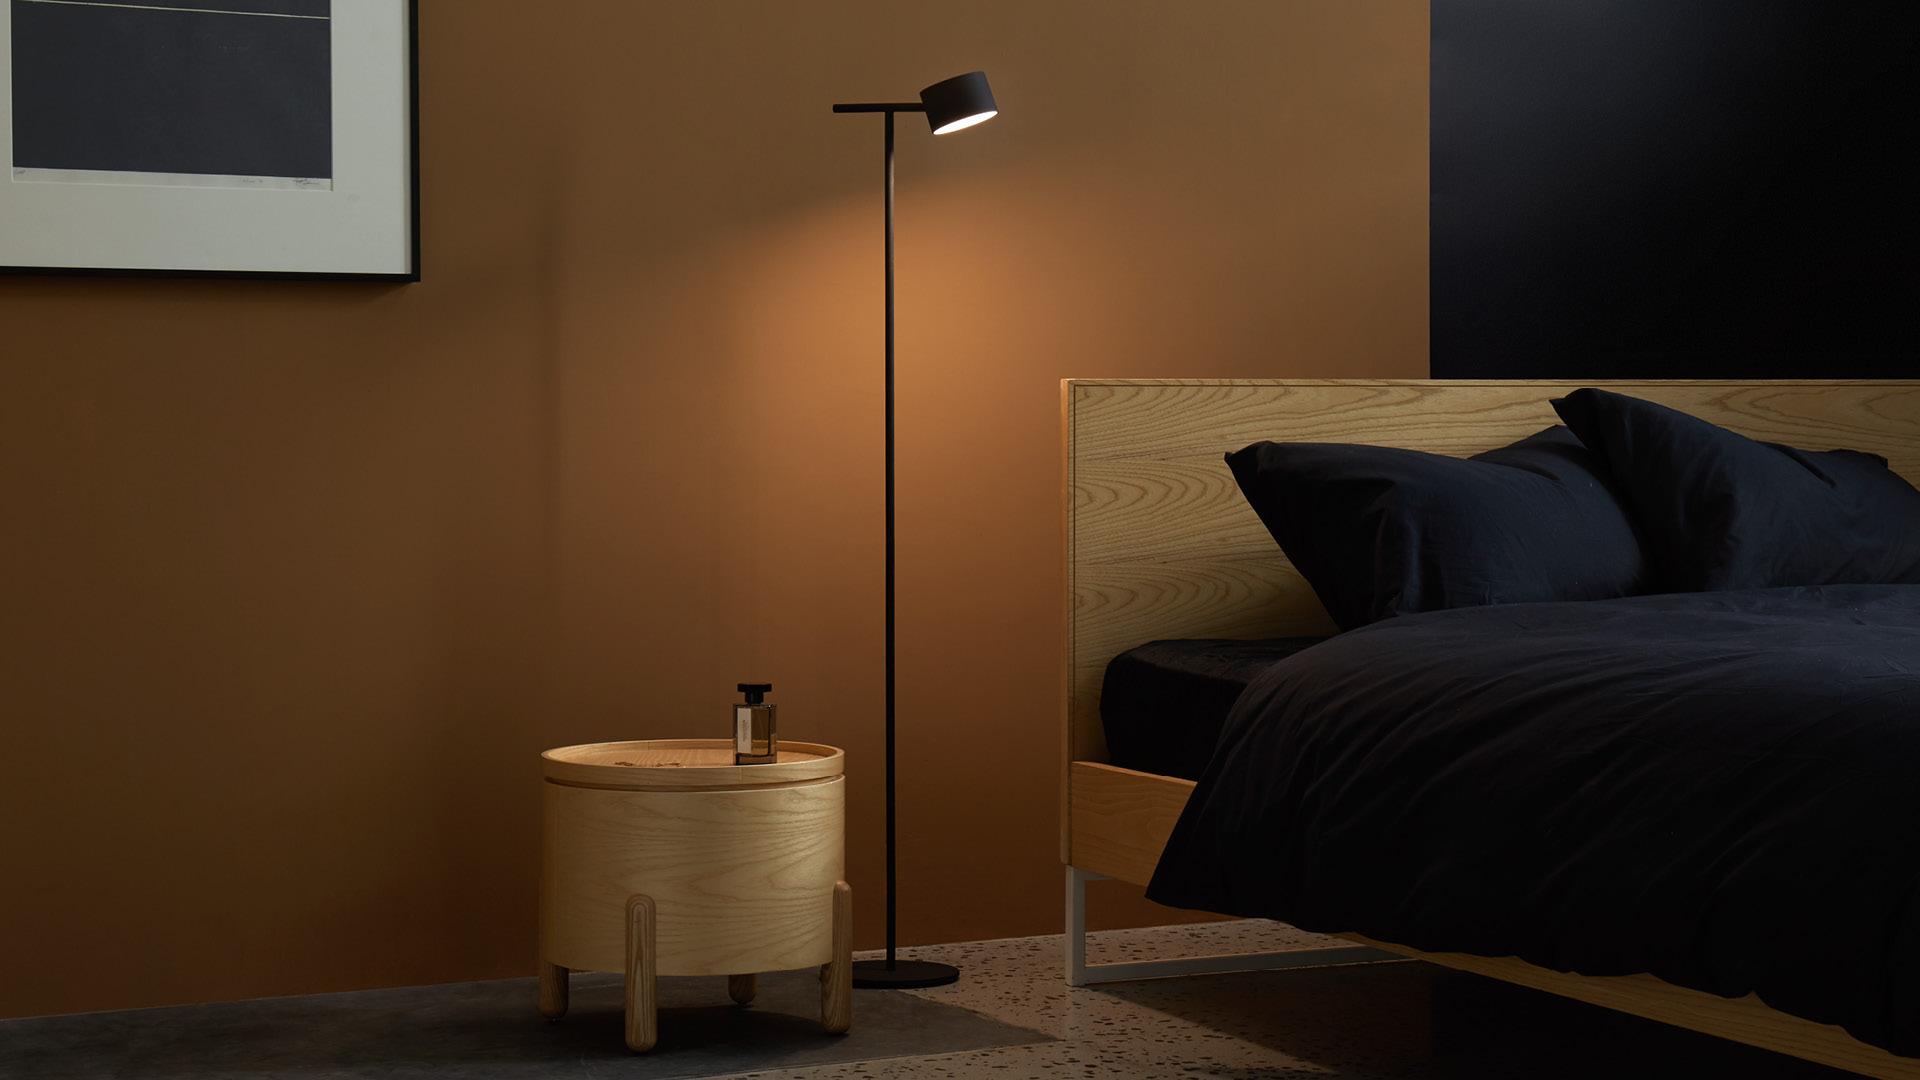 床头阅读灯,陪伴静谧之夜